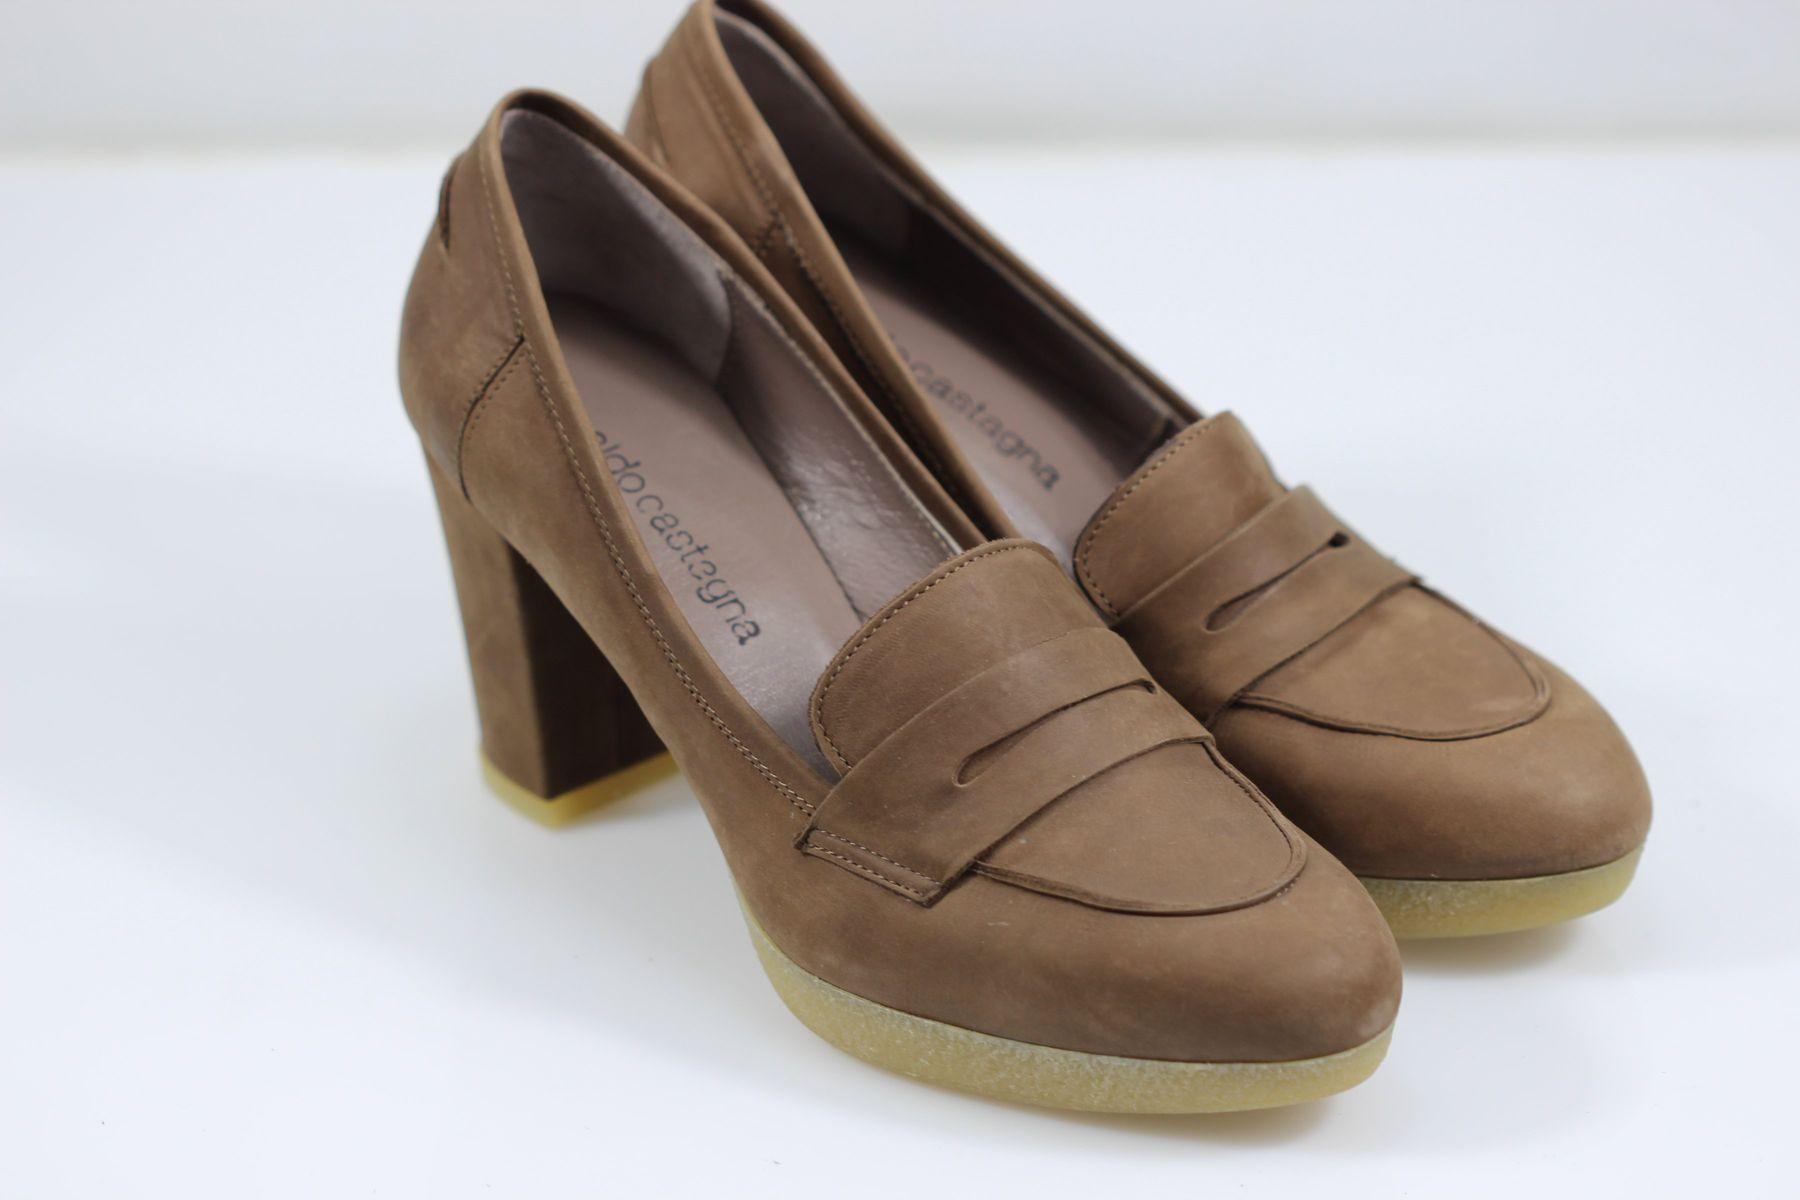 9be6074cd Туфли на каблуке Aldo Castagna 36 р 24 см коричневый 4787 - Товары ...